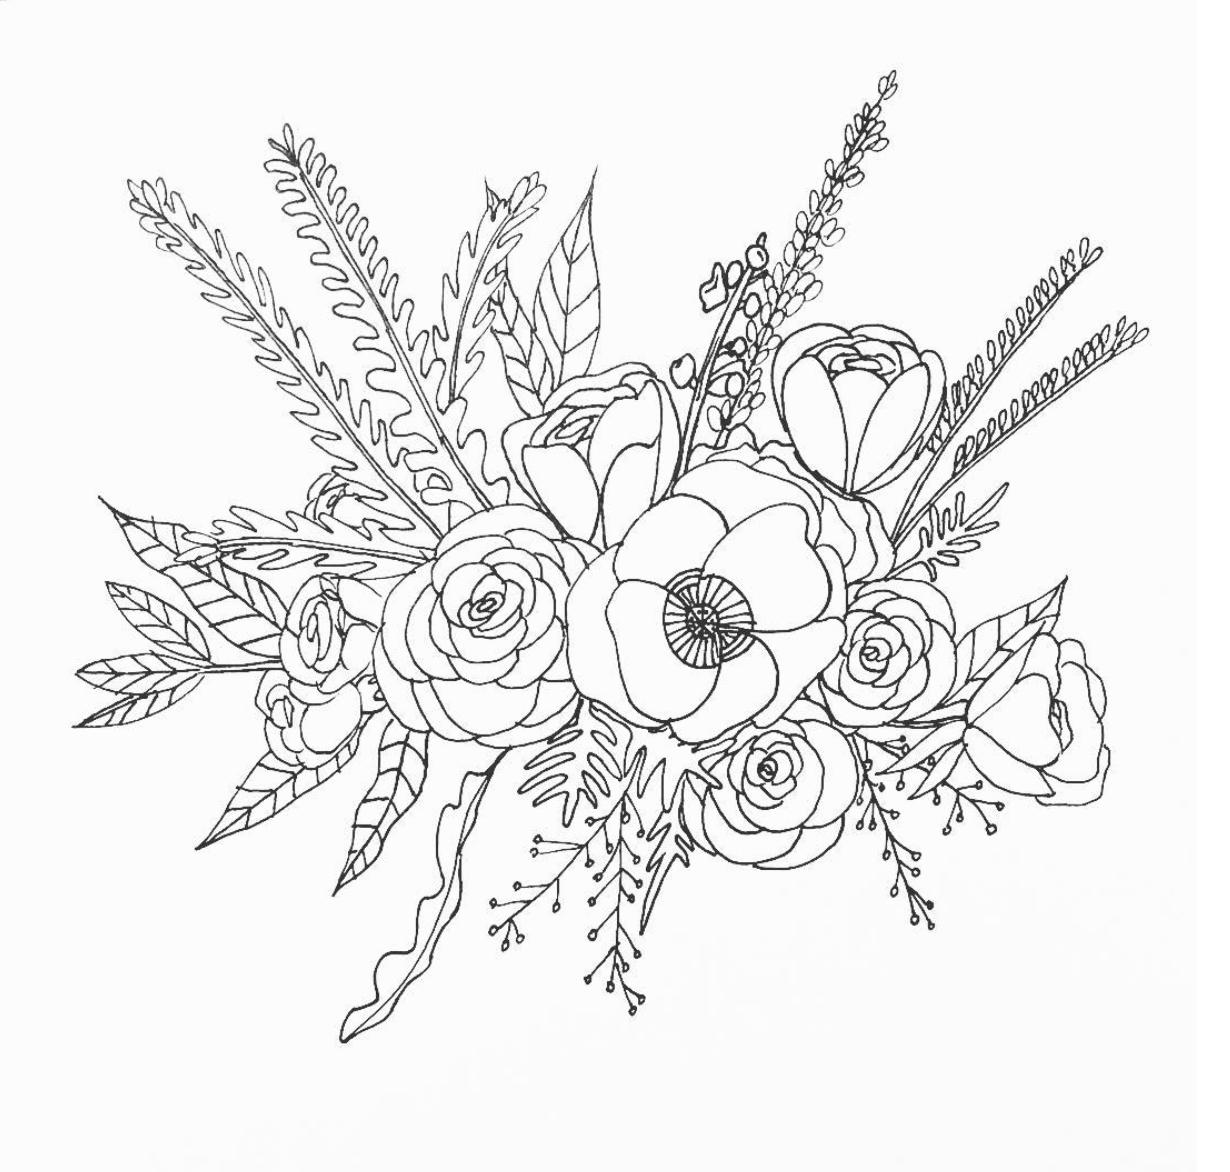 1230x1172 Line Drawing Flower Illustration Floral